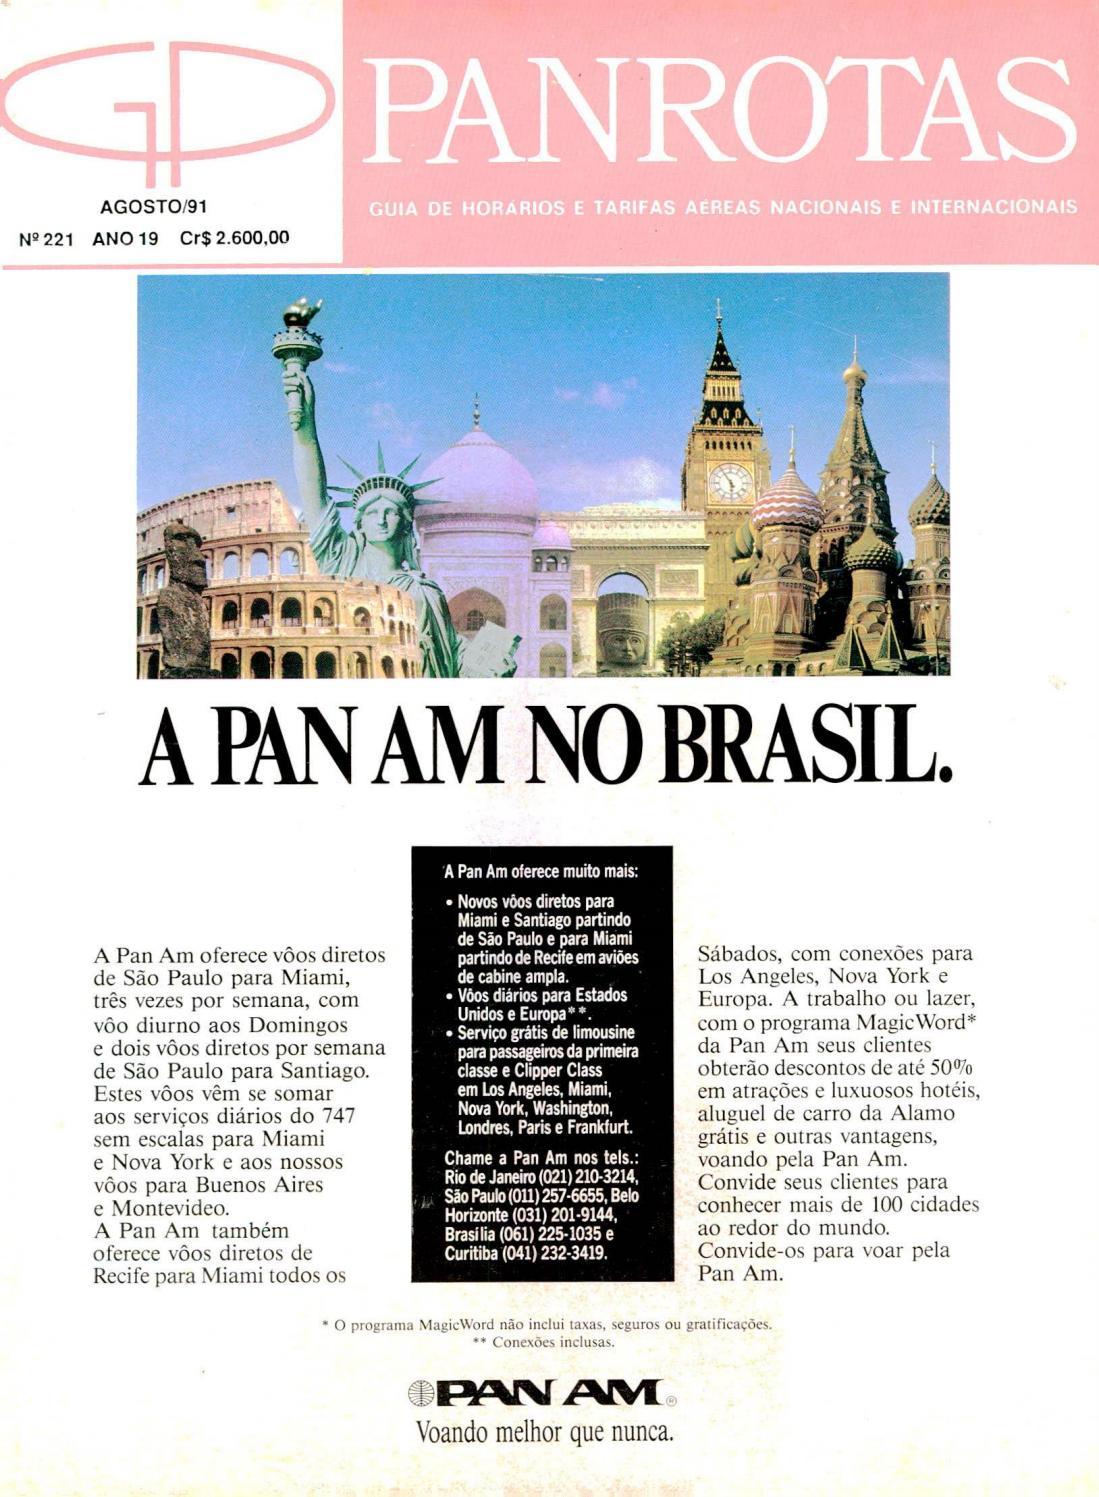 a5c25e6ad Guia PANROTAS - Edição 221 - Agosto/1991 by PANROTAS Editora - issuu